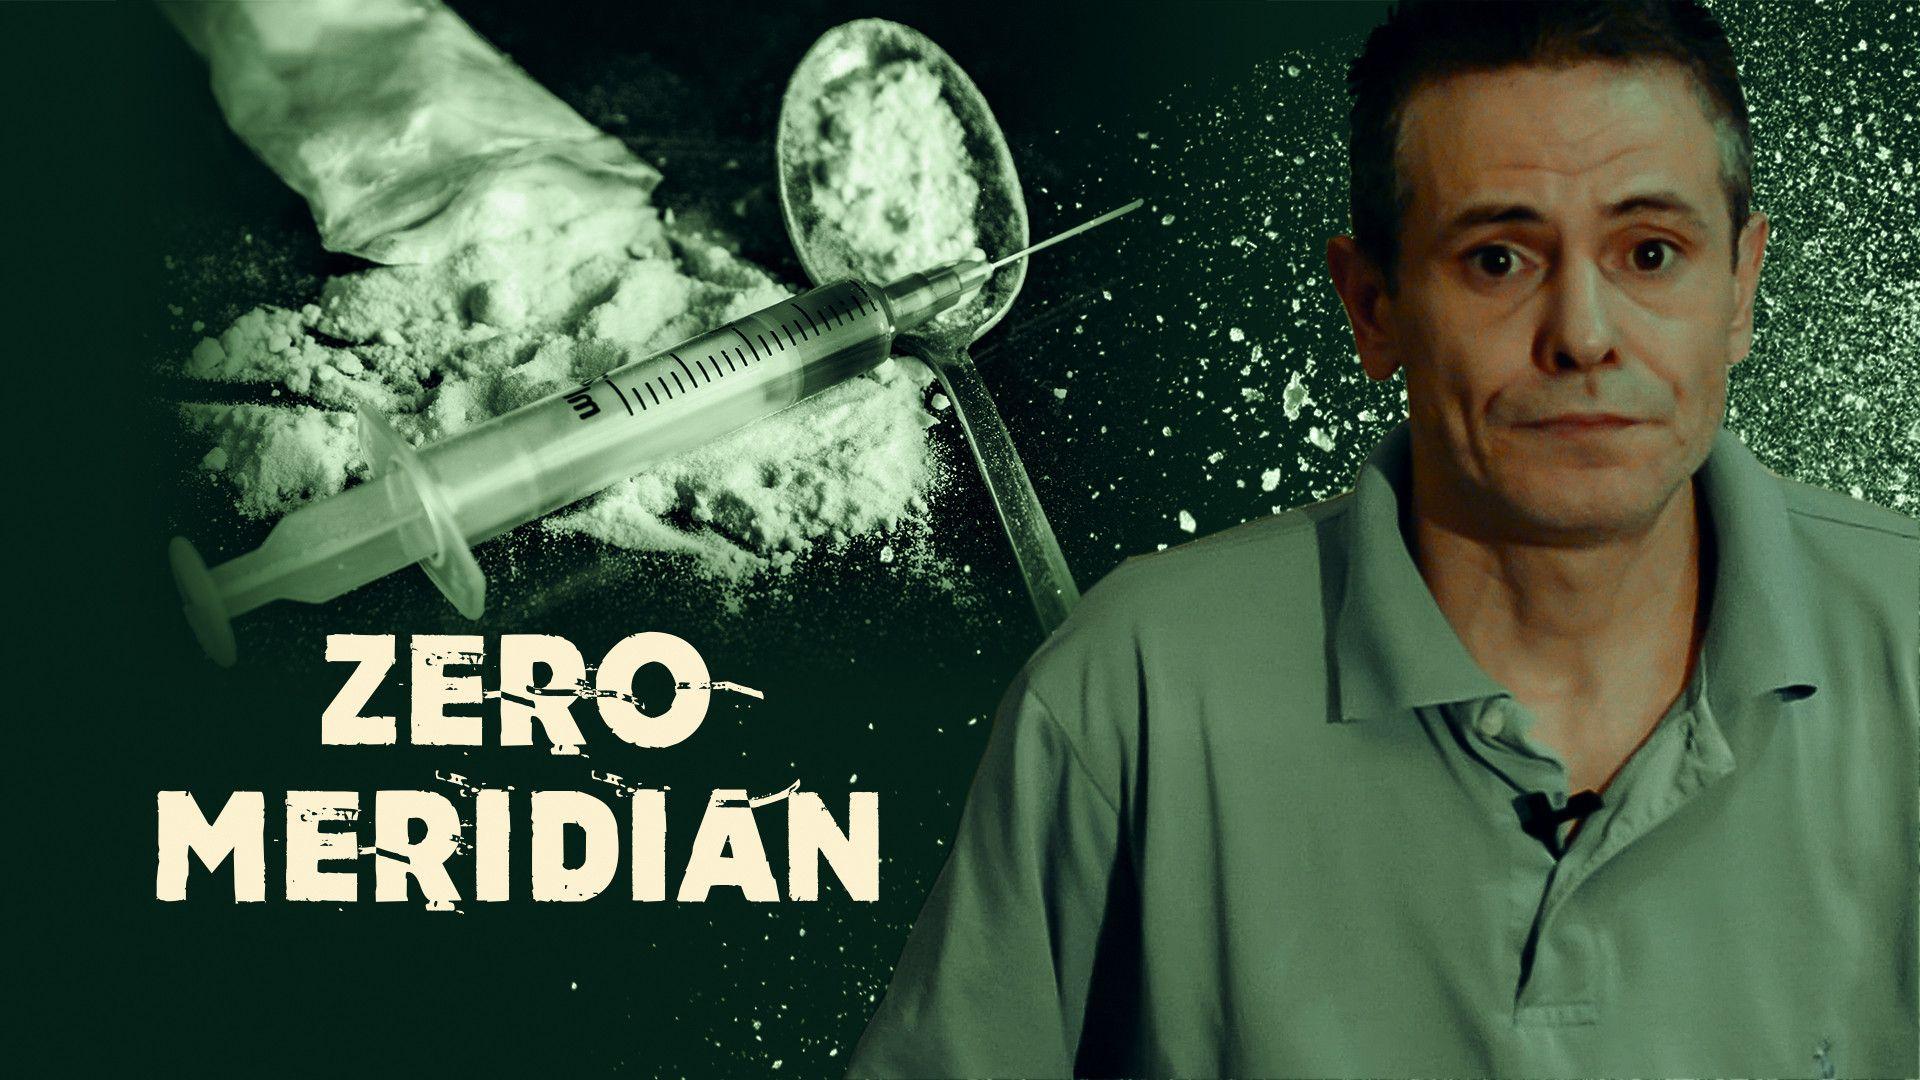 Zero Meridian